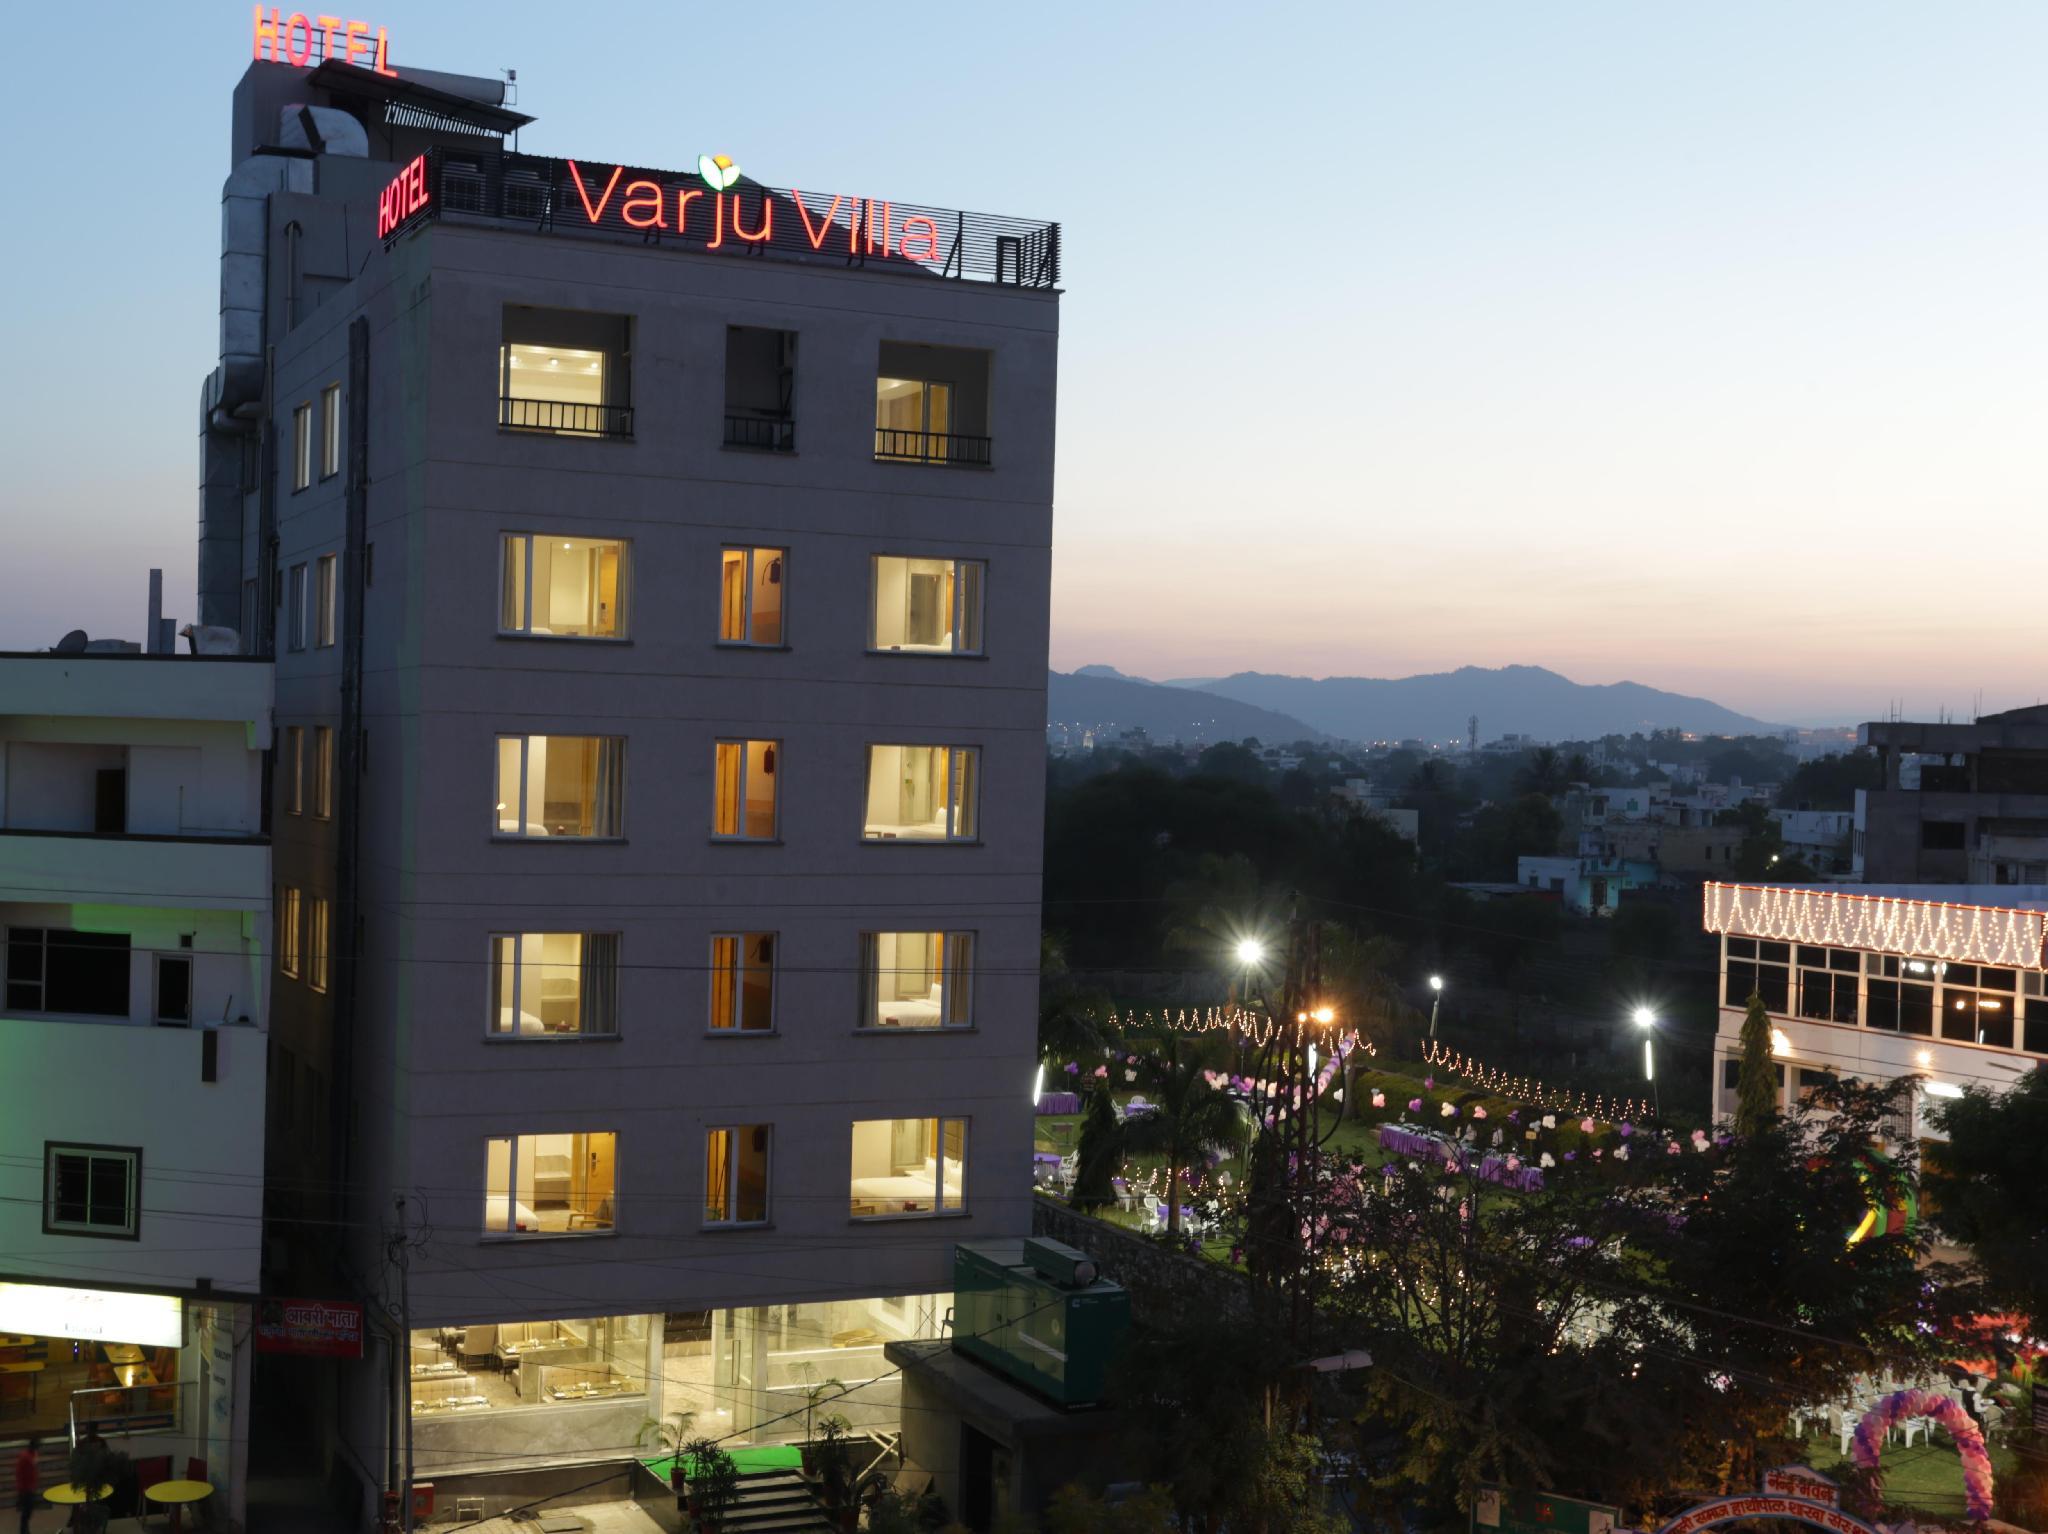 Hotel Varju Villa